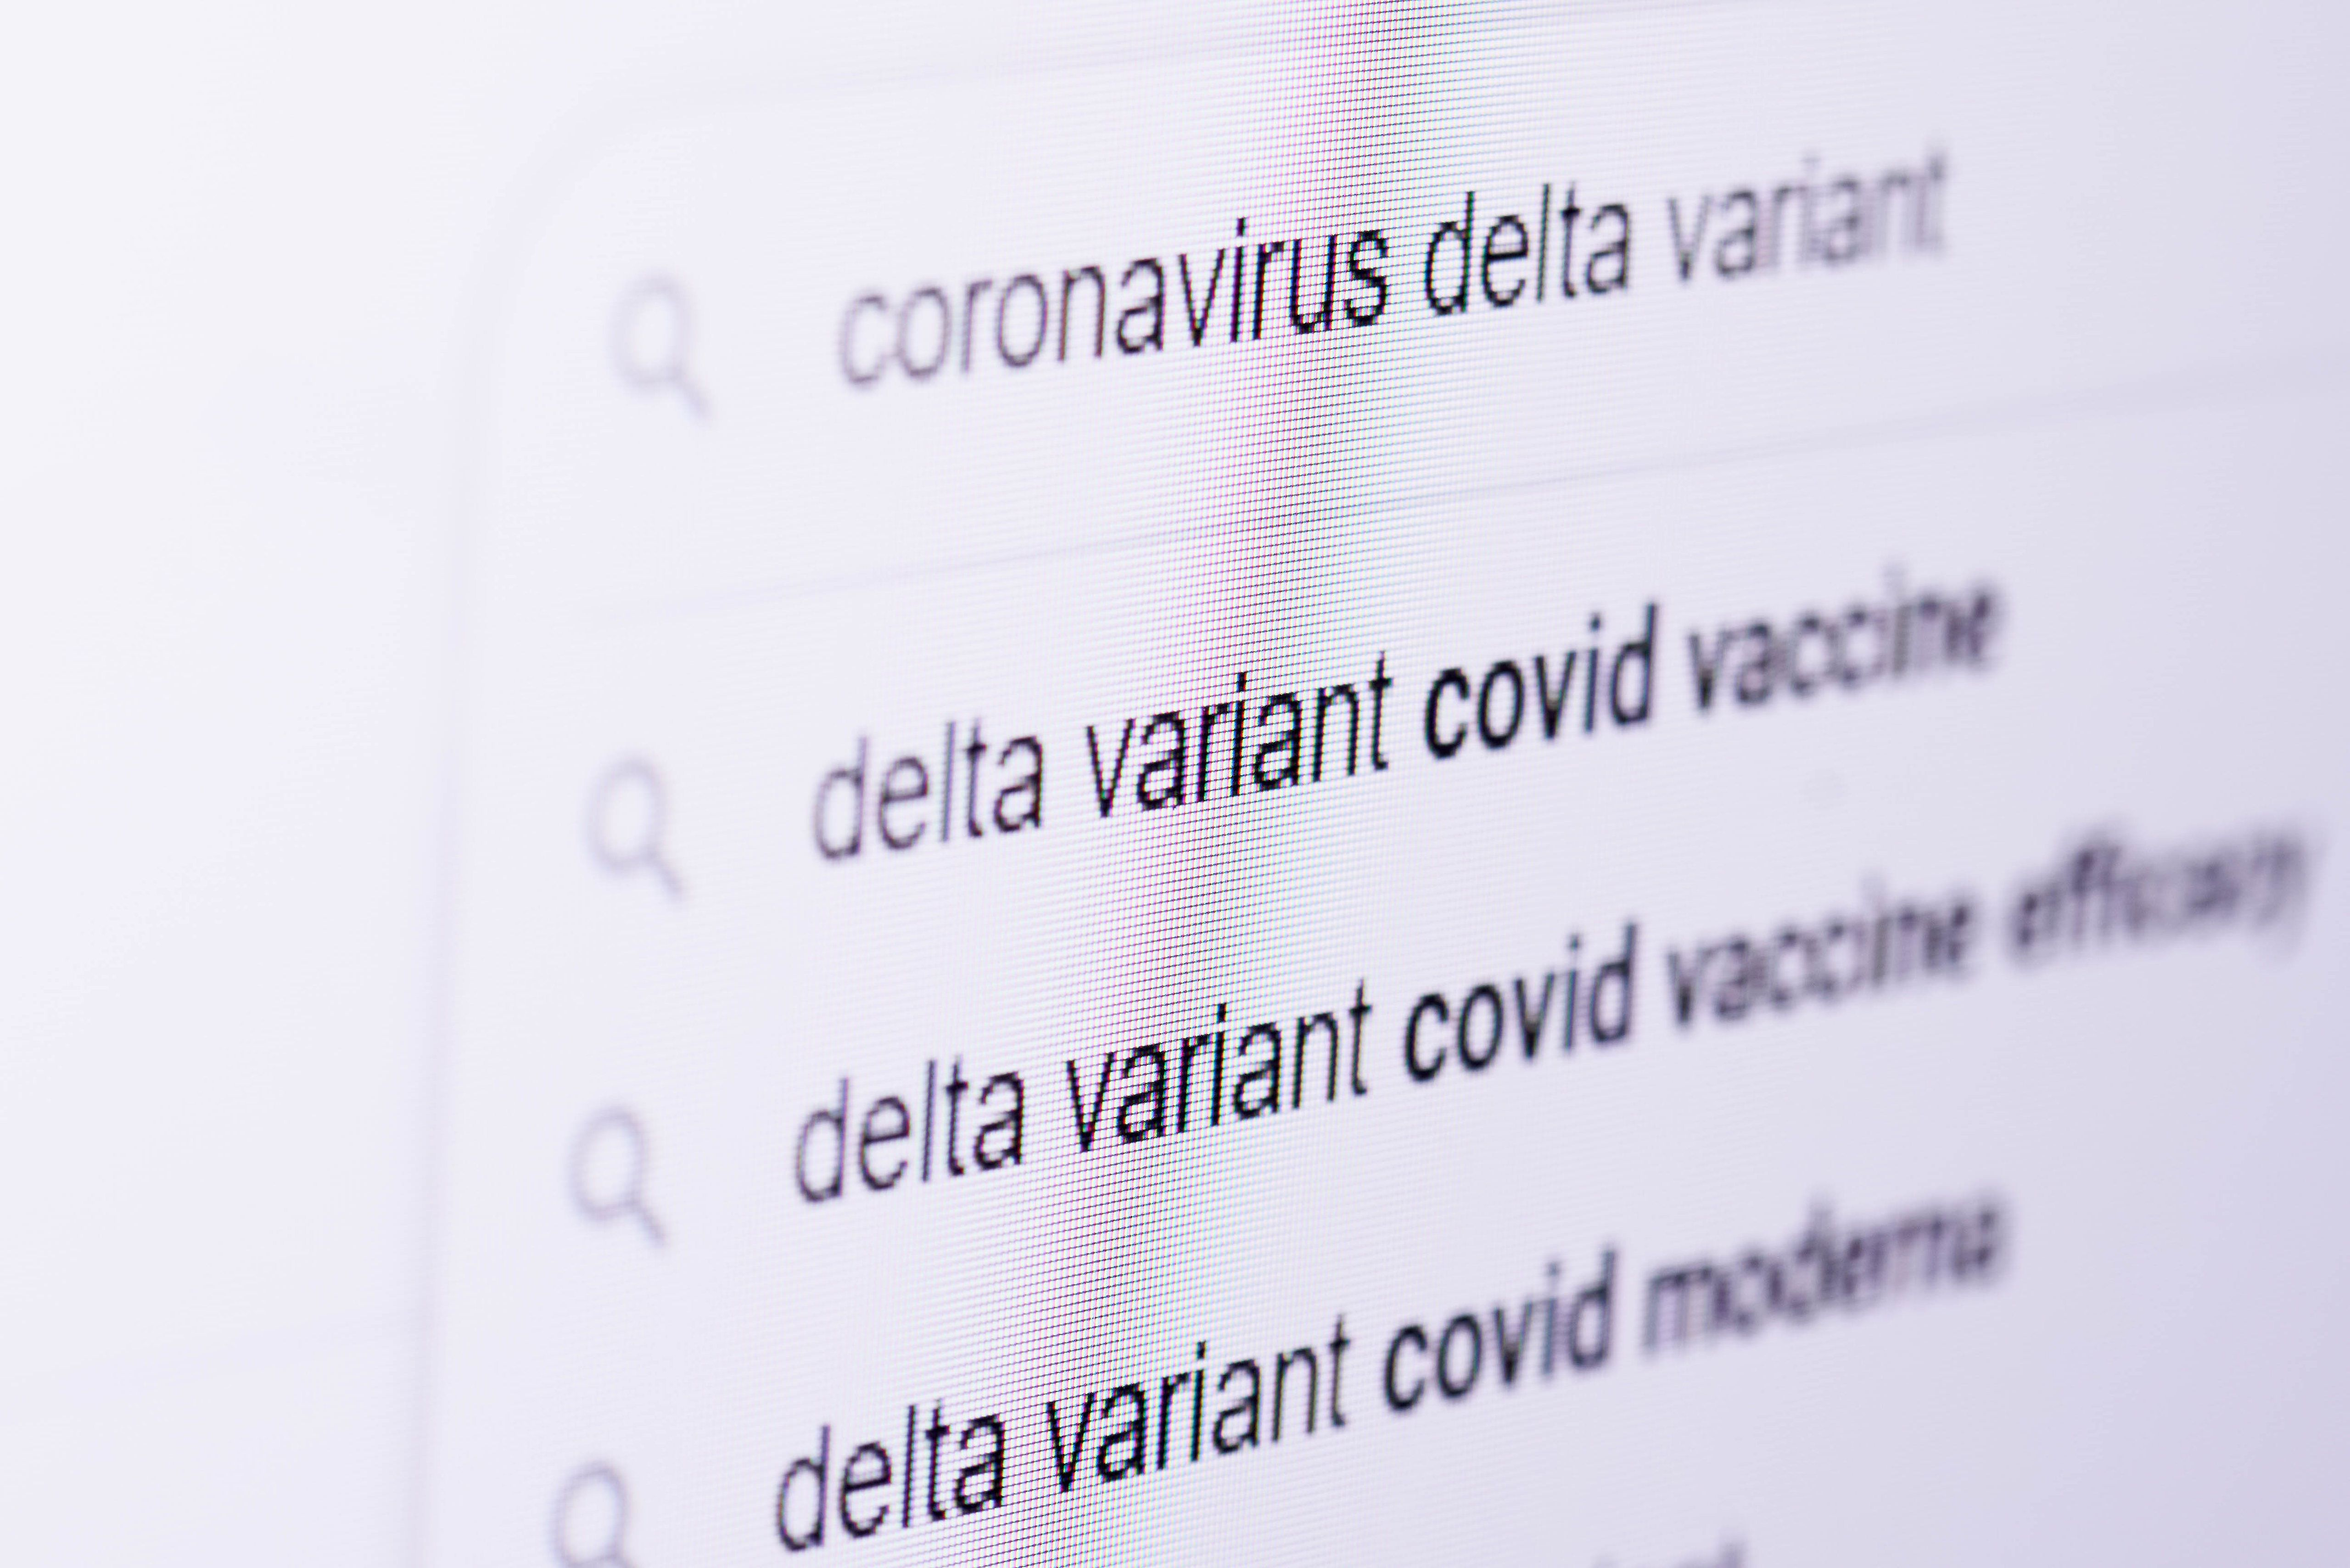 Полякали і буде. Маніпуляції і фейки про коронавірус в українських медіа 5—11 липня 2021 року